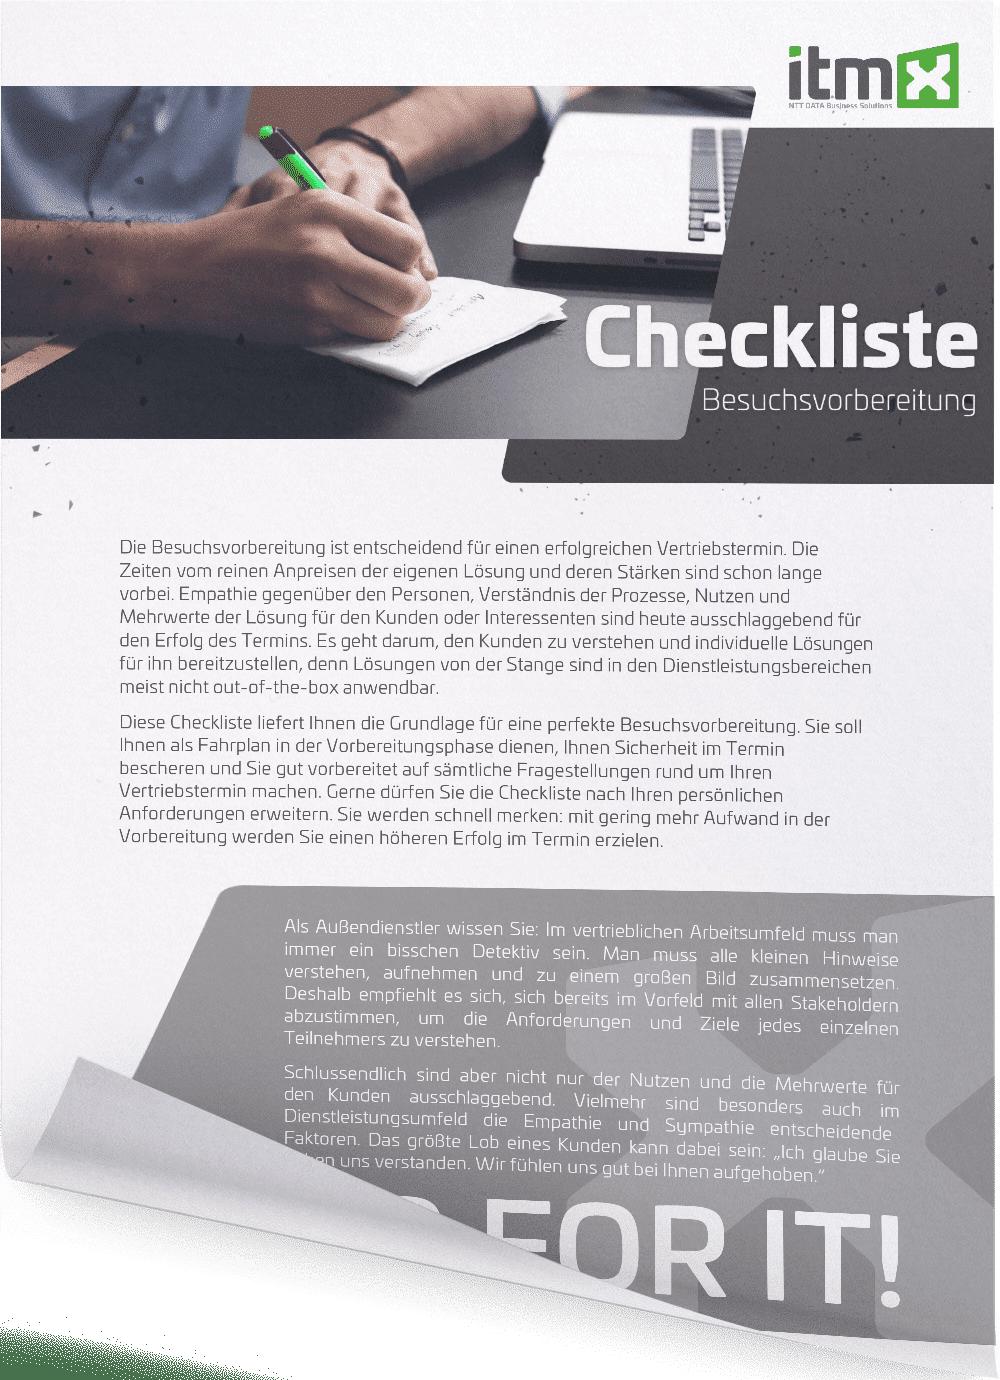 itmX Checkliste Besuchsvorbereitung